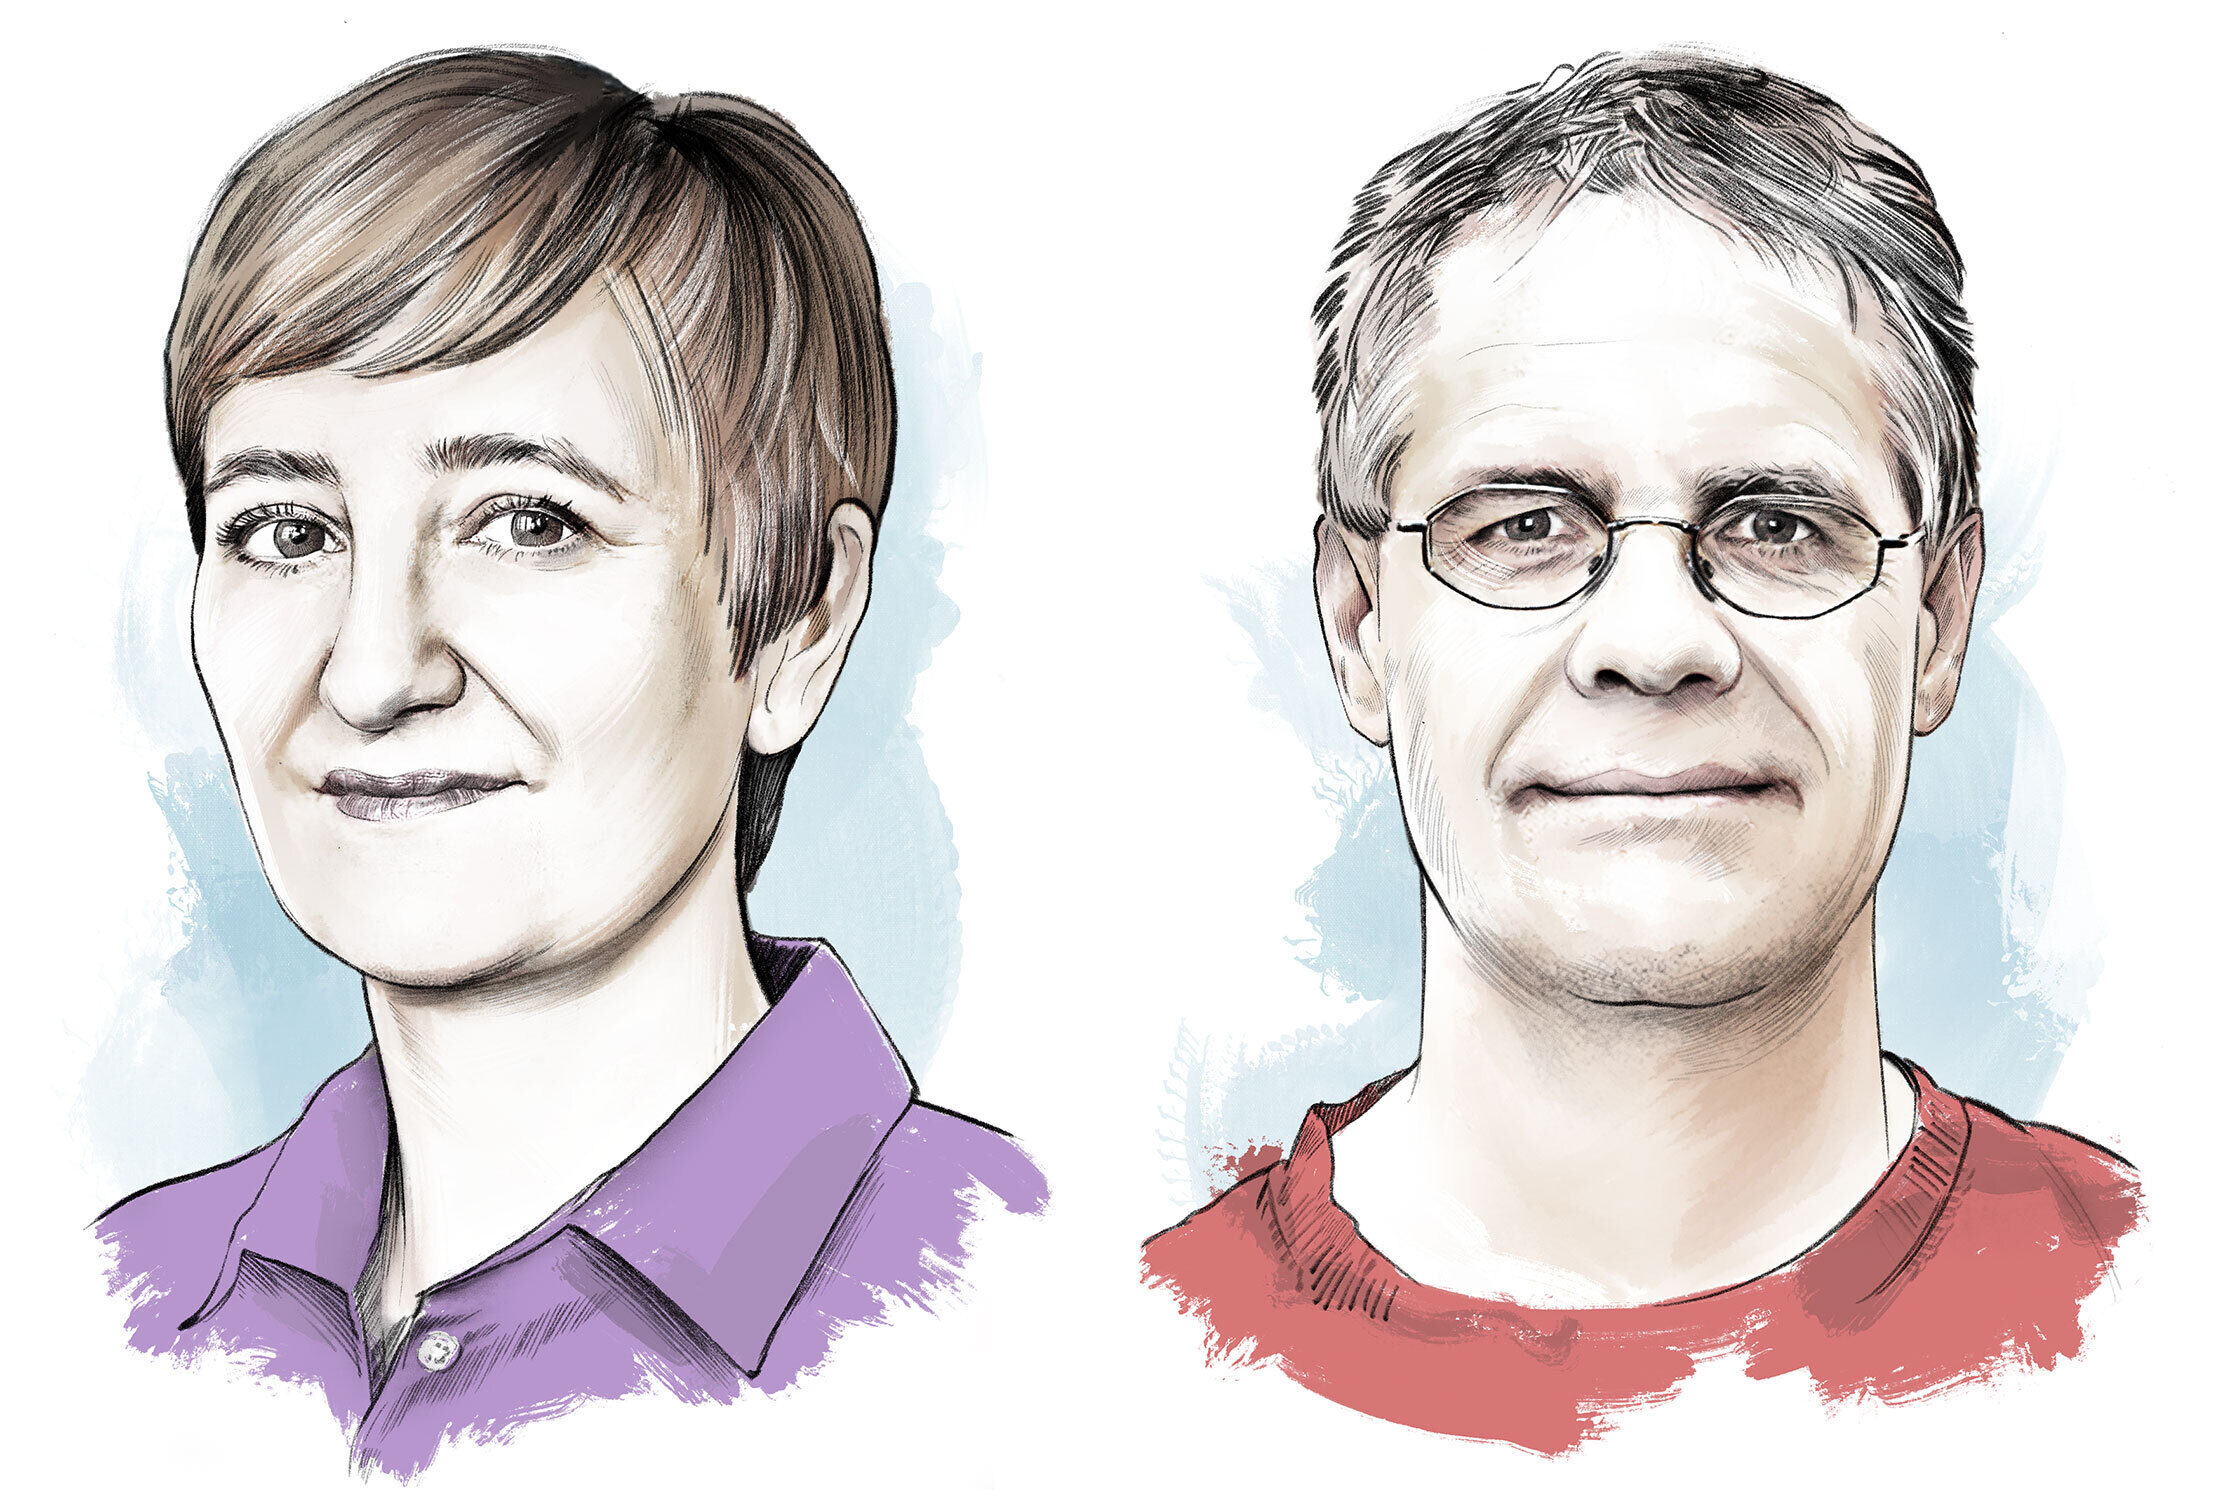 ETH Portrait - Kornel Illustration | Kornel Stadler portfolio